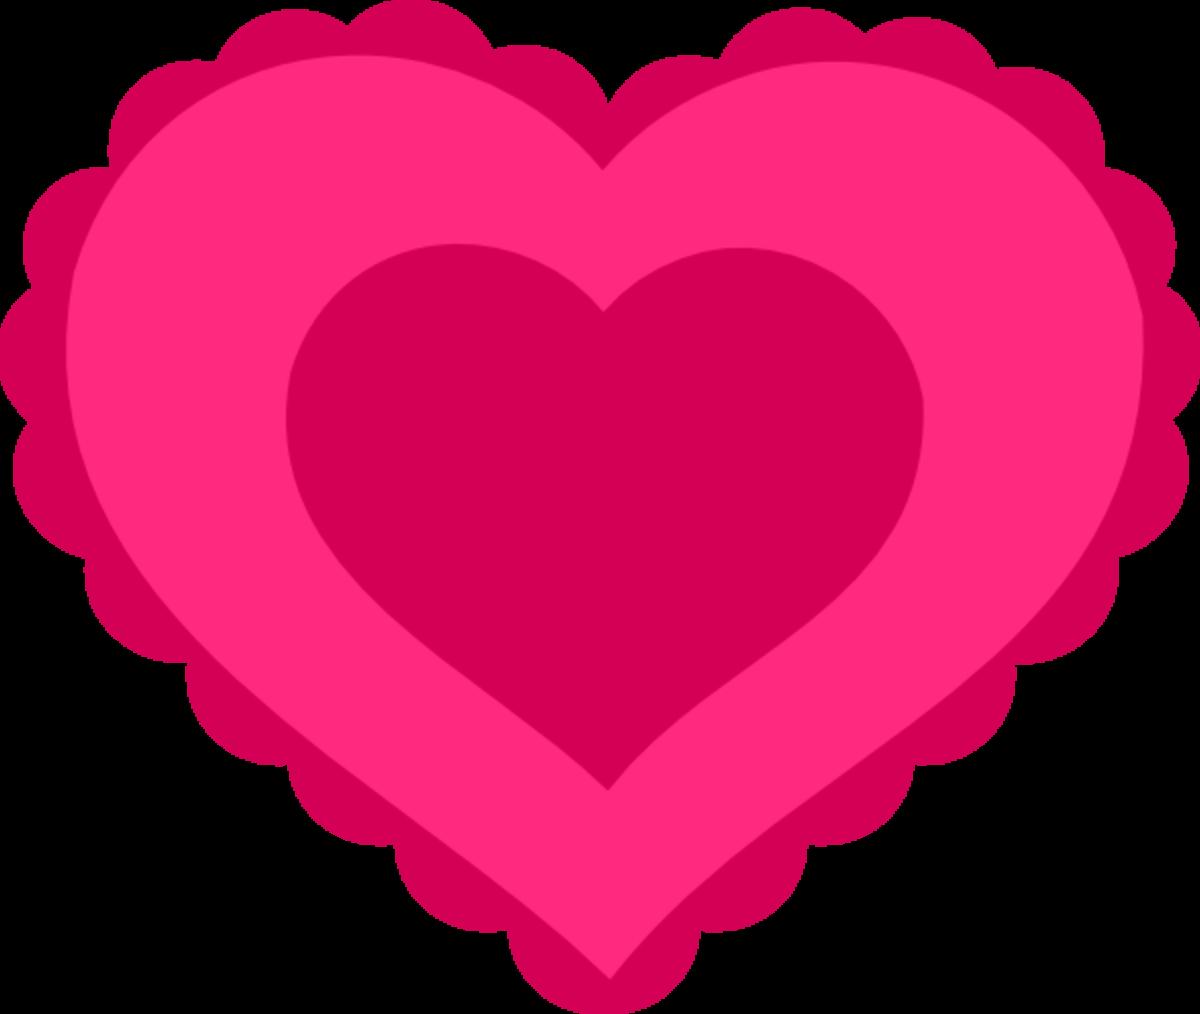 Scalloped Pink Heart Pattern